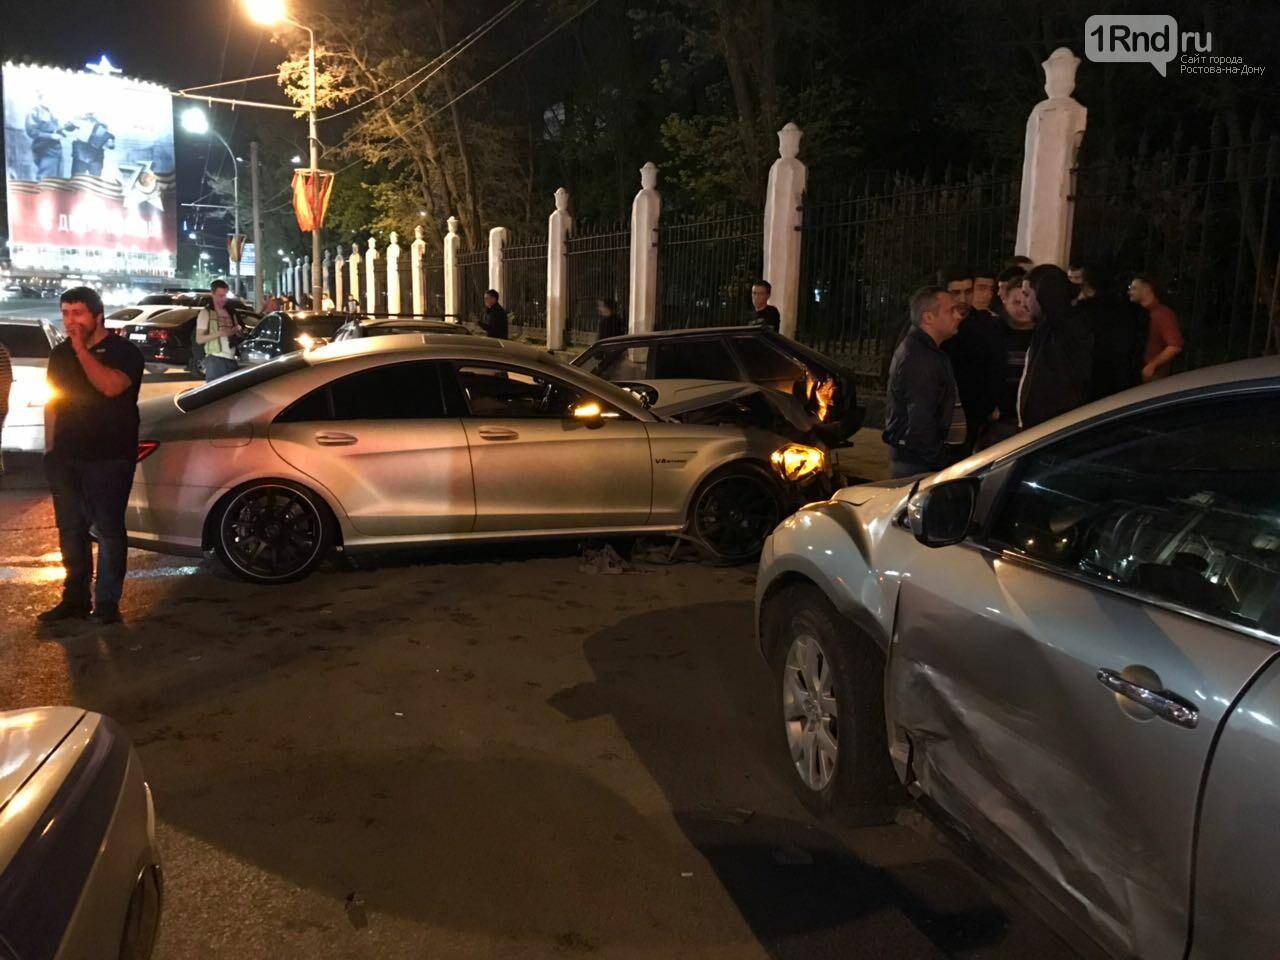 Новые подробности: виновником массовой аварии на Театральной площади стал иностранец, фото-5, Фото: предоставлено очевидцем